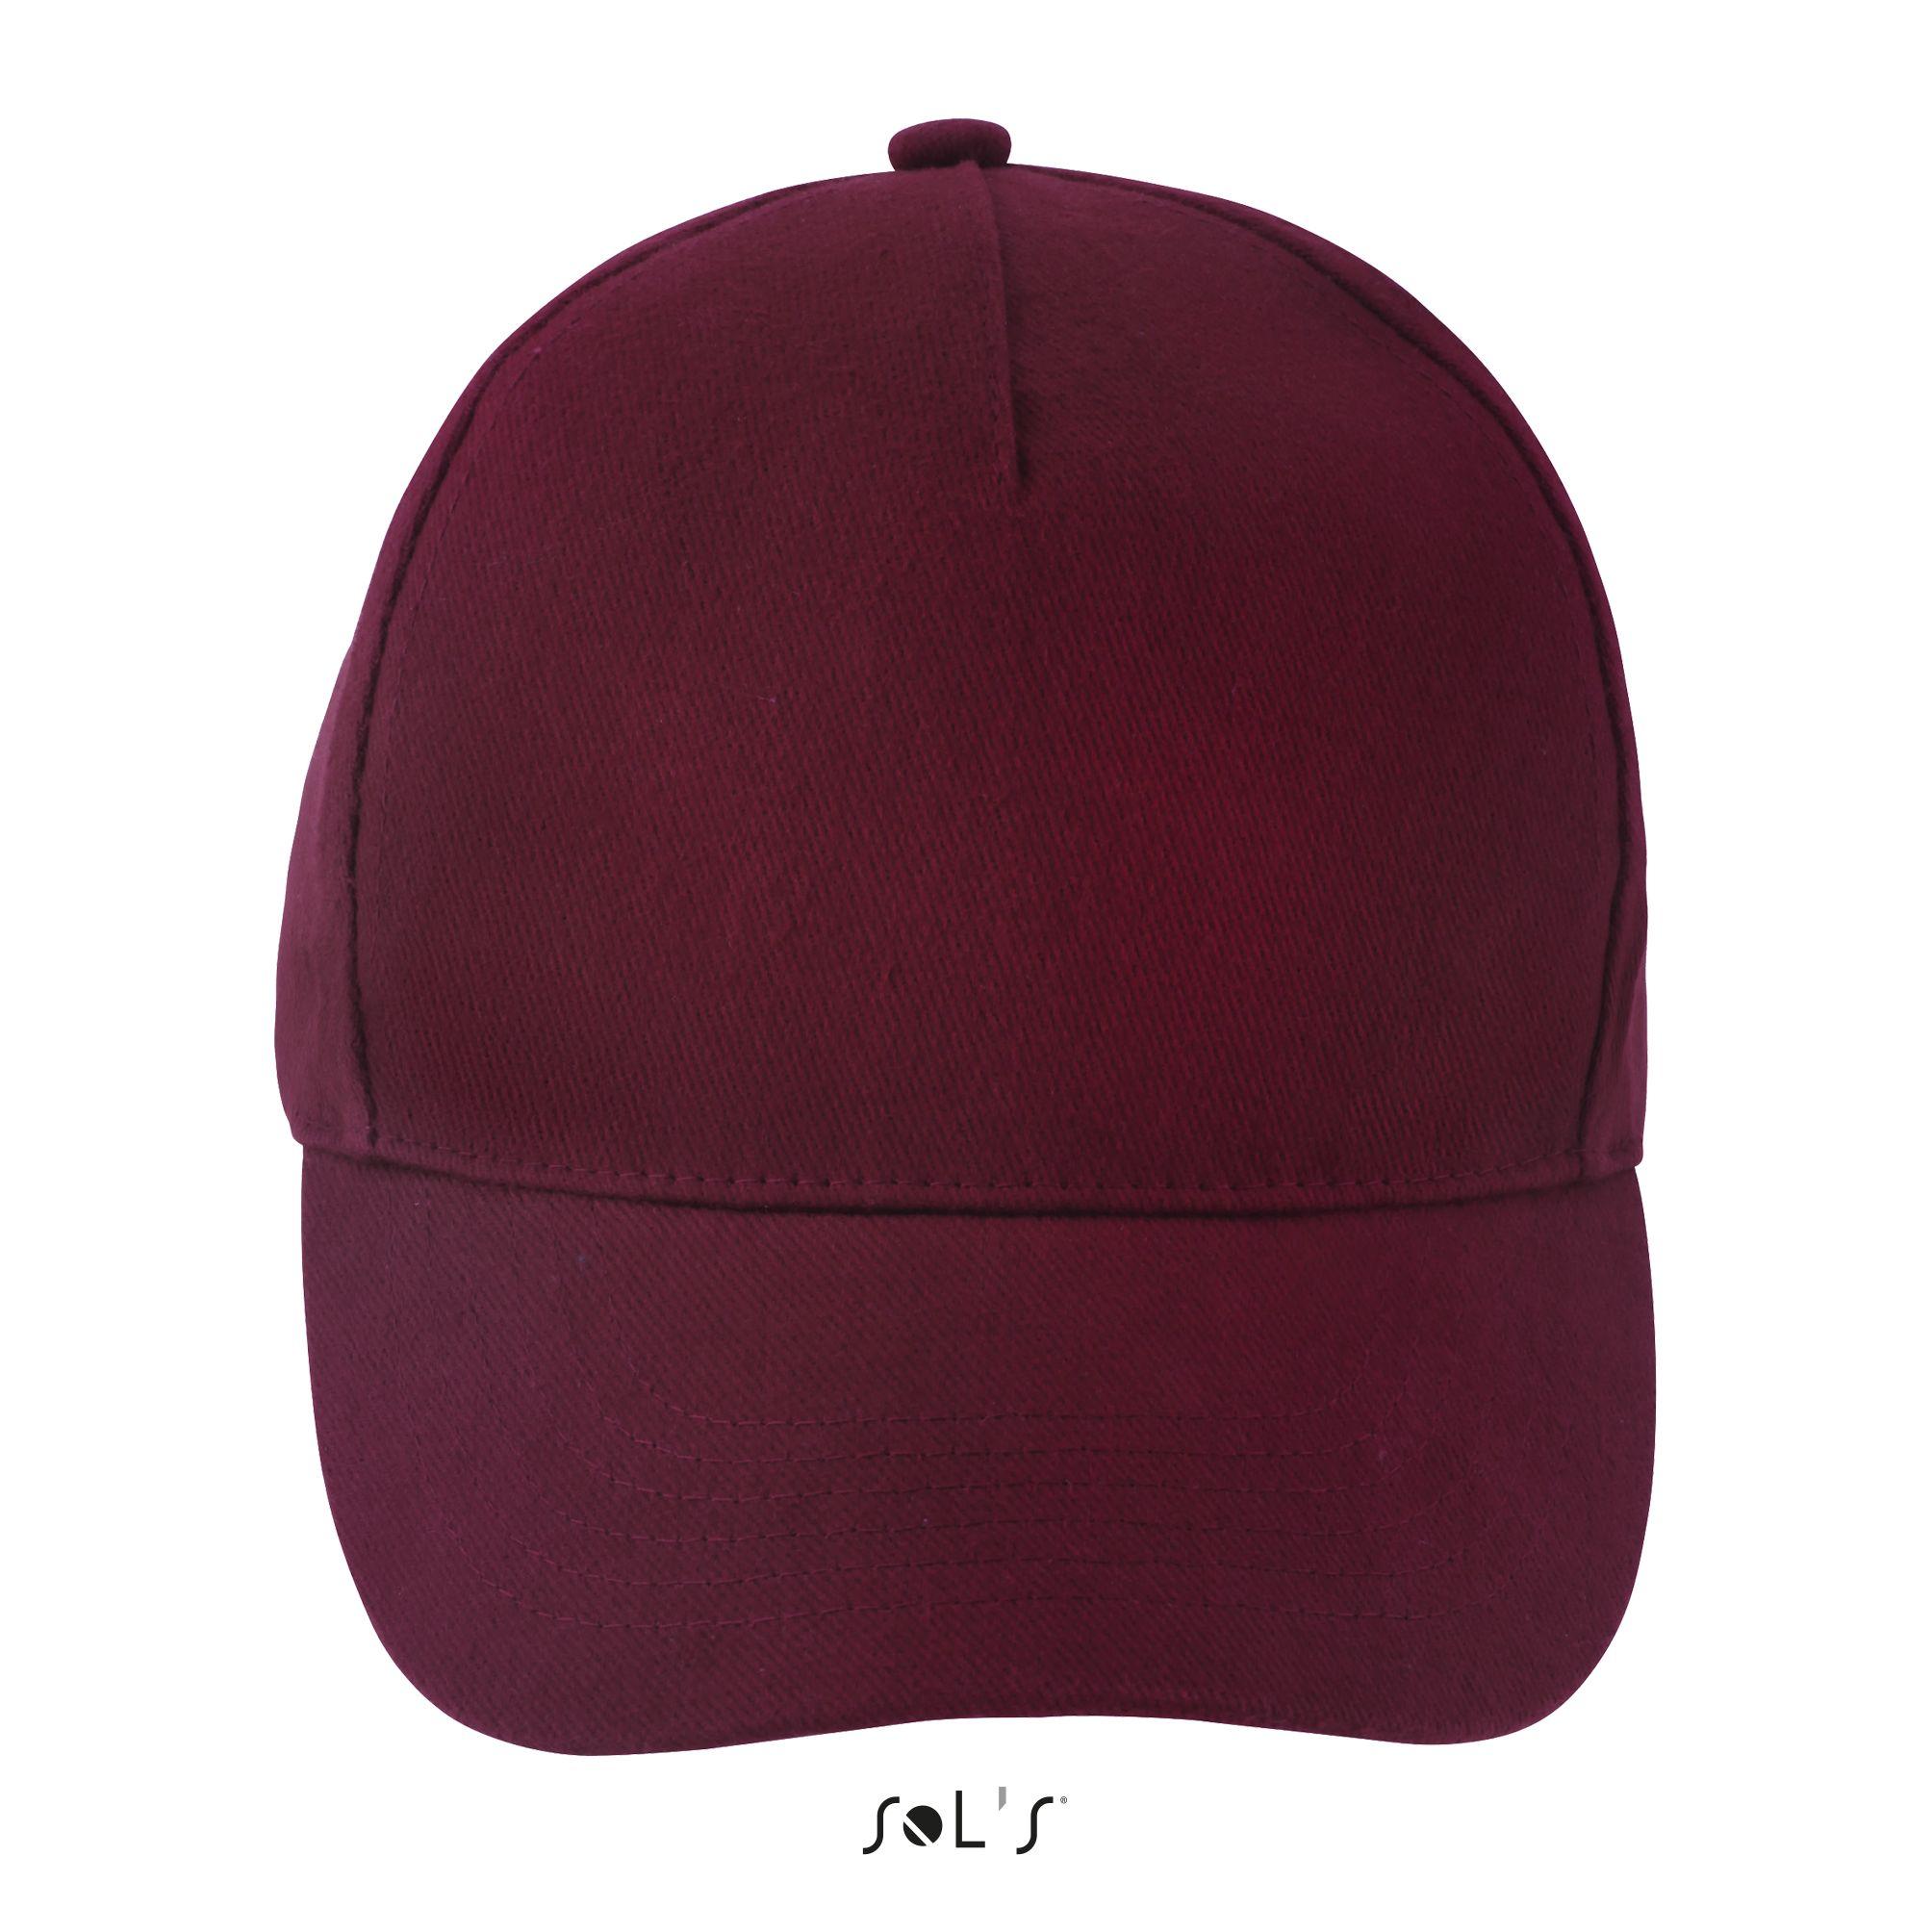 146 - Bordeaux